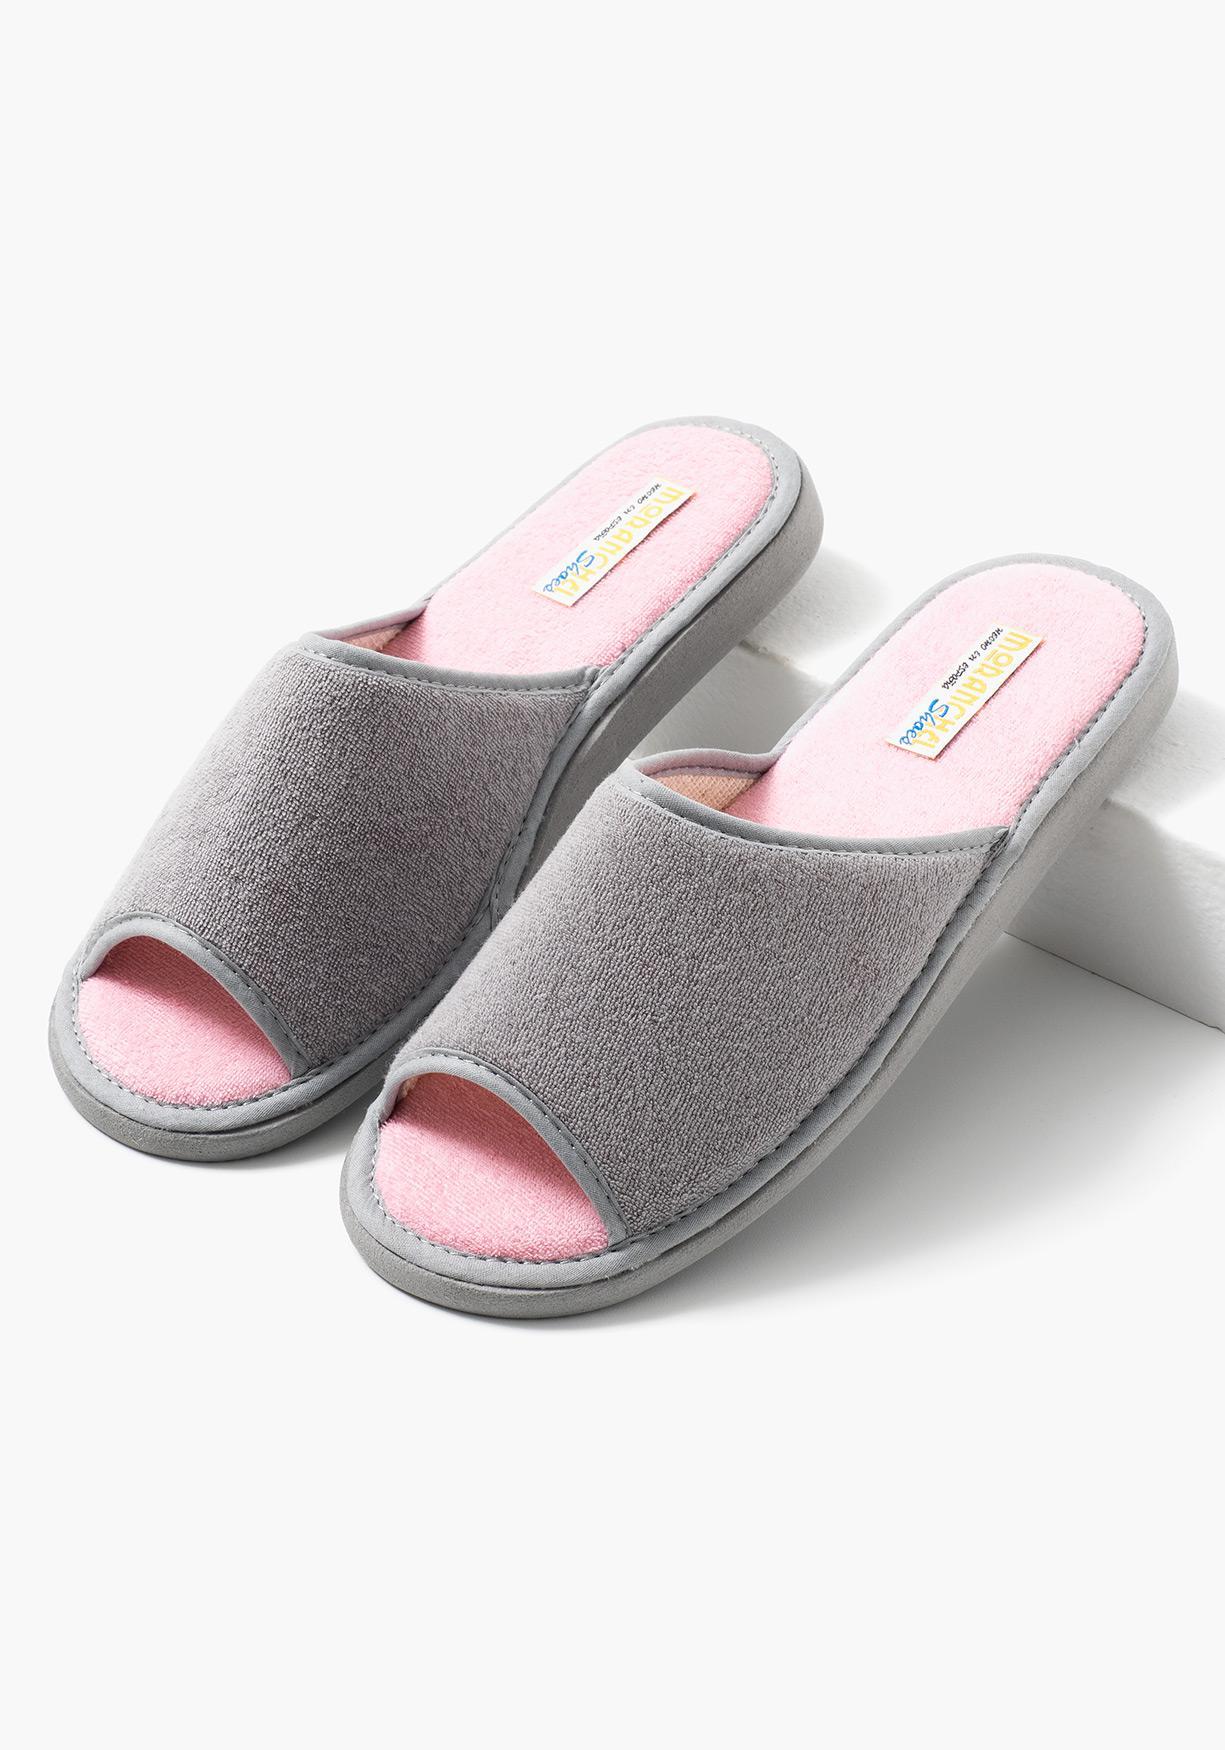 Comprar zapatillas de estar por casa tex aprov chate de nuestros precios y encuentra las - Zapatillas casa nino carrefour ...